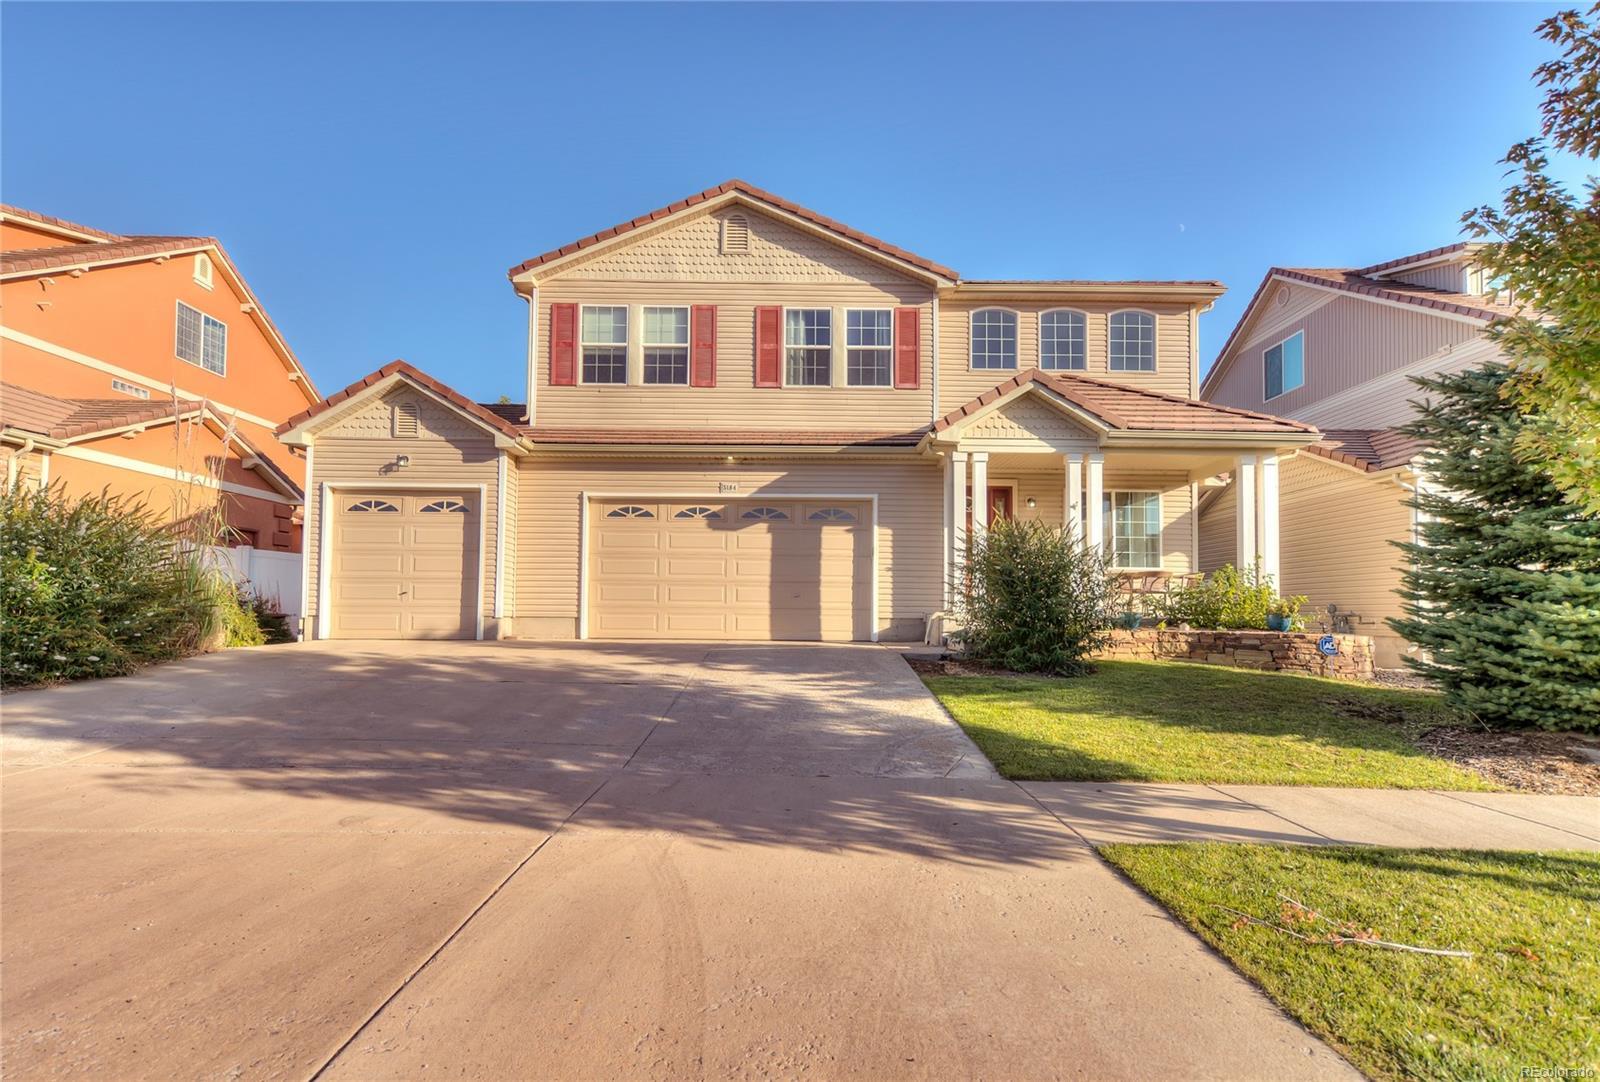 5184 Kirk Court, Denver, CO 80249 - Denver, CO real estate listing